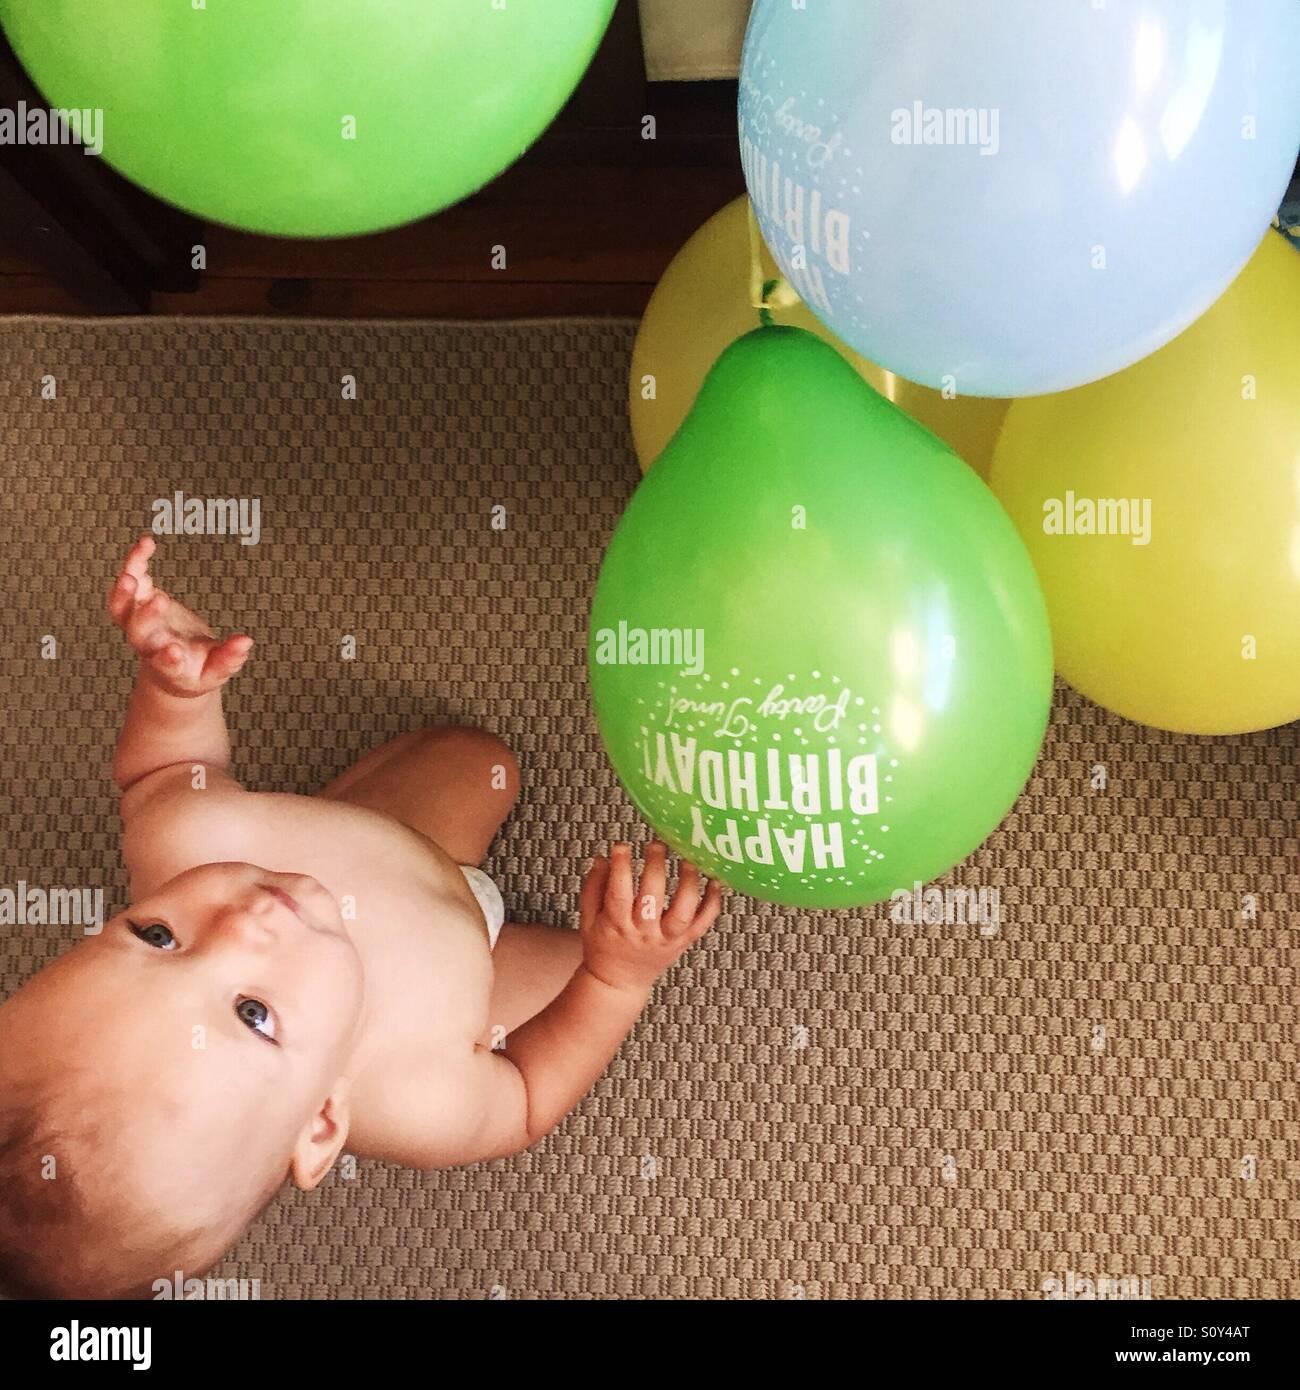 Birthday boy jugando con globos de cumpleaños Imagen De Stock